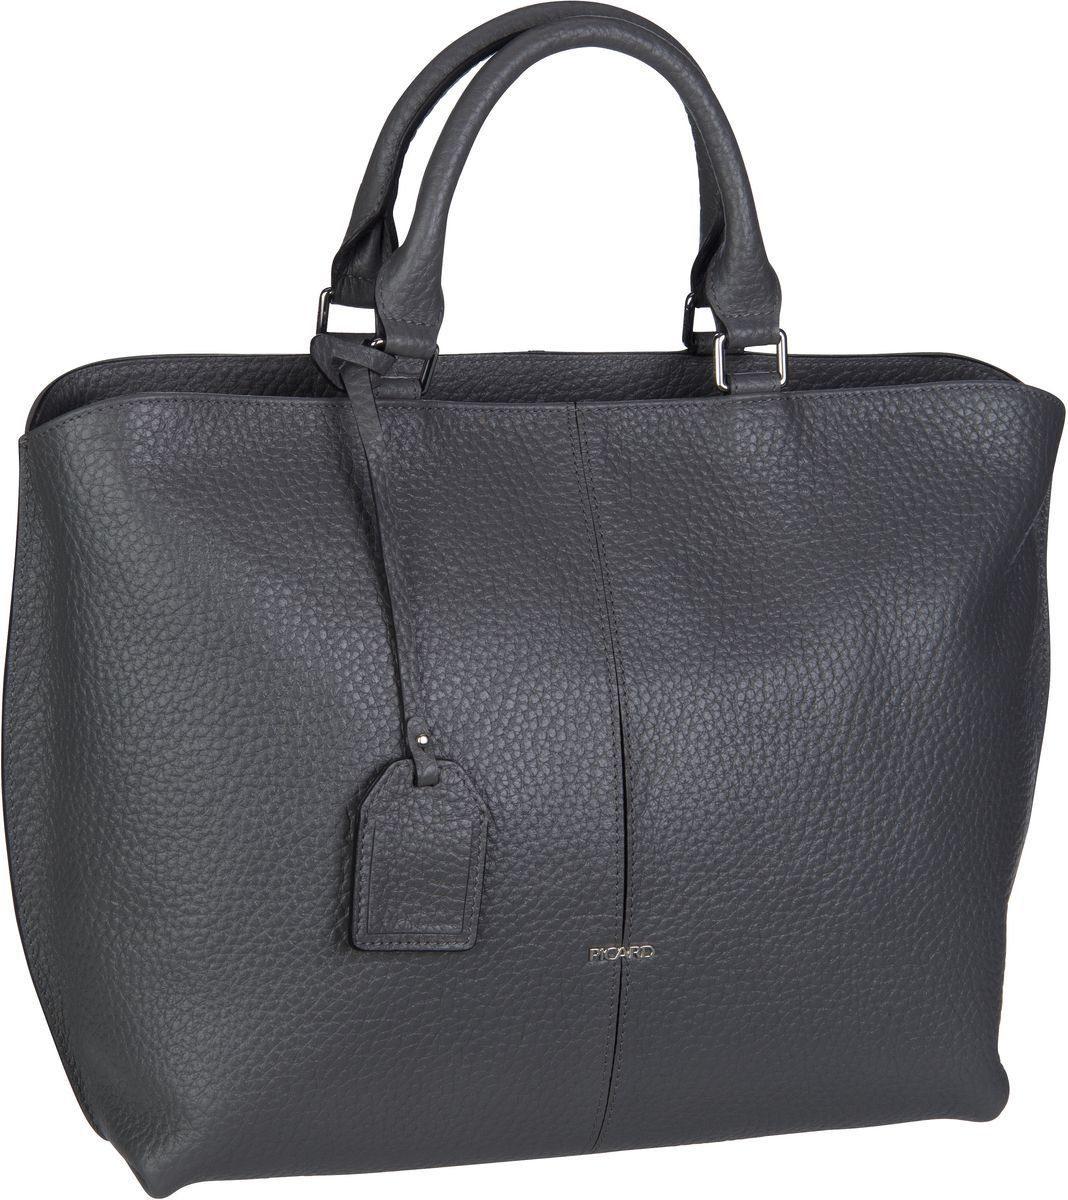 Picard Handtasche »Astana 8029«